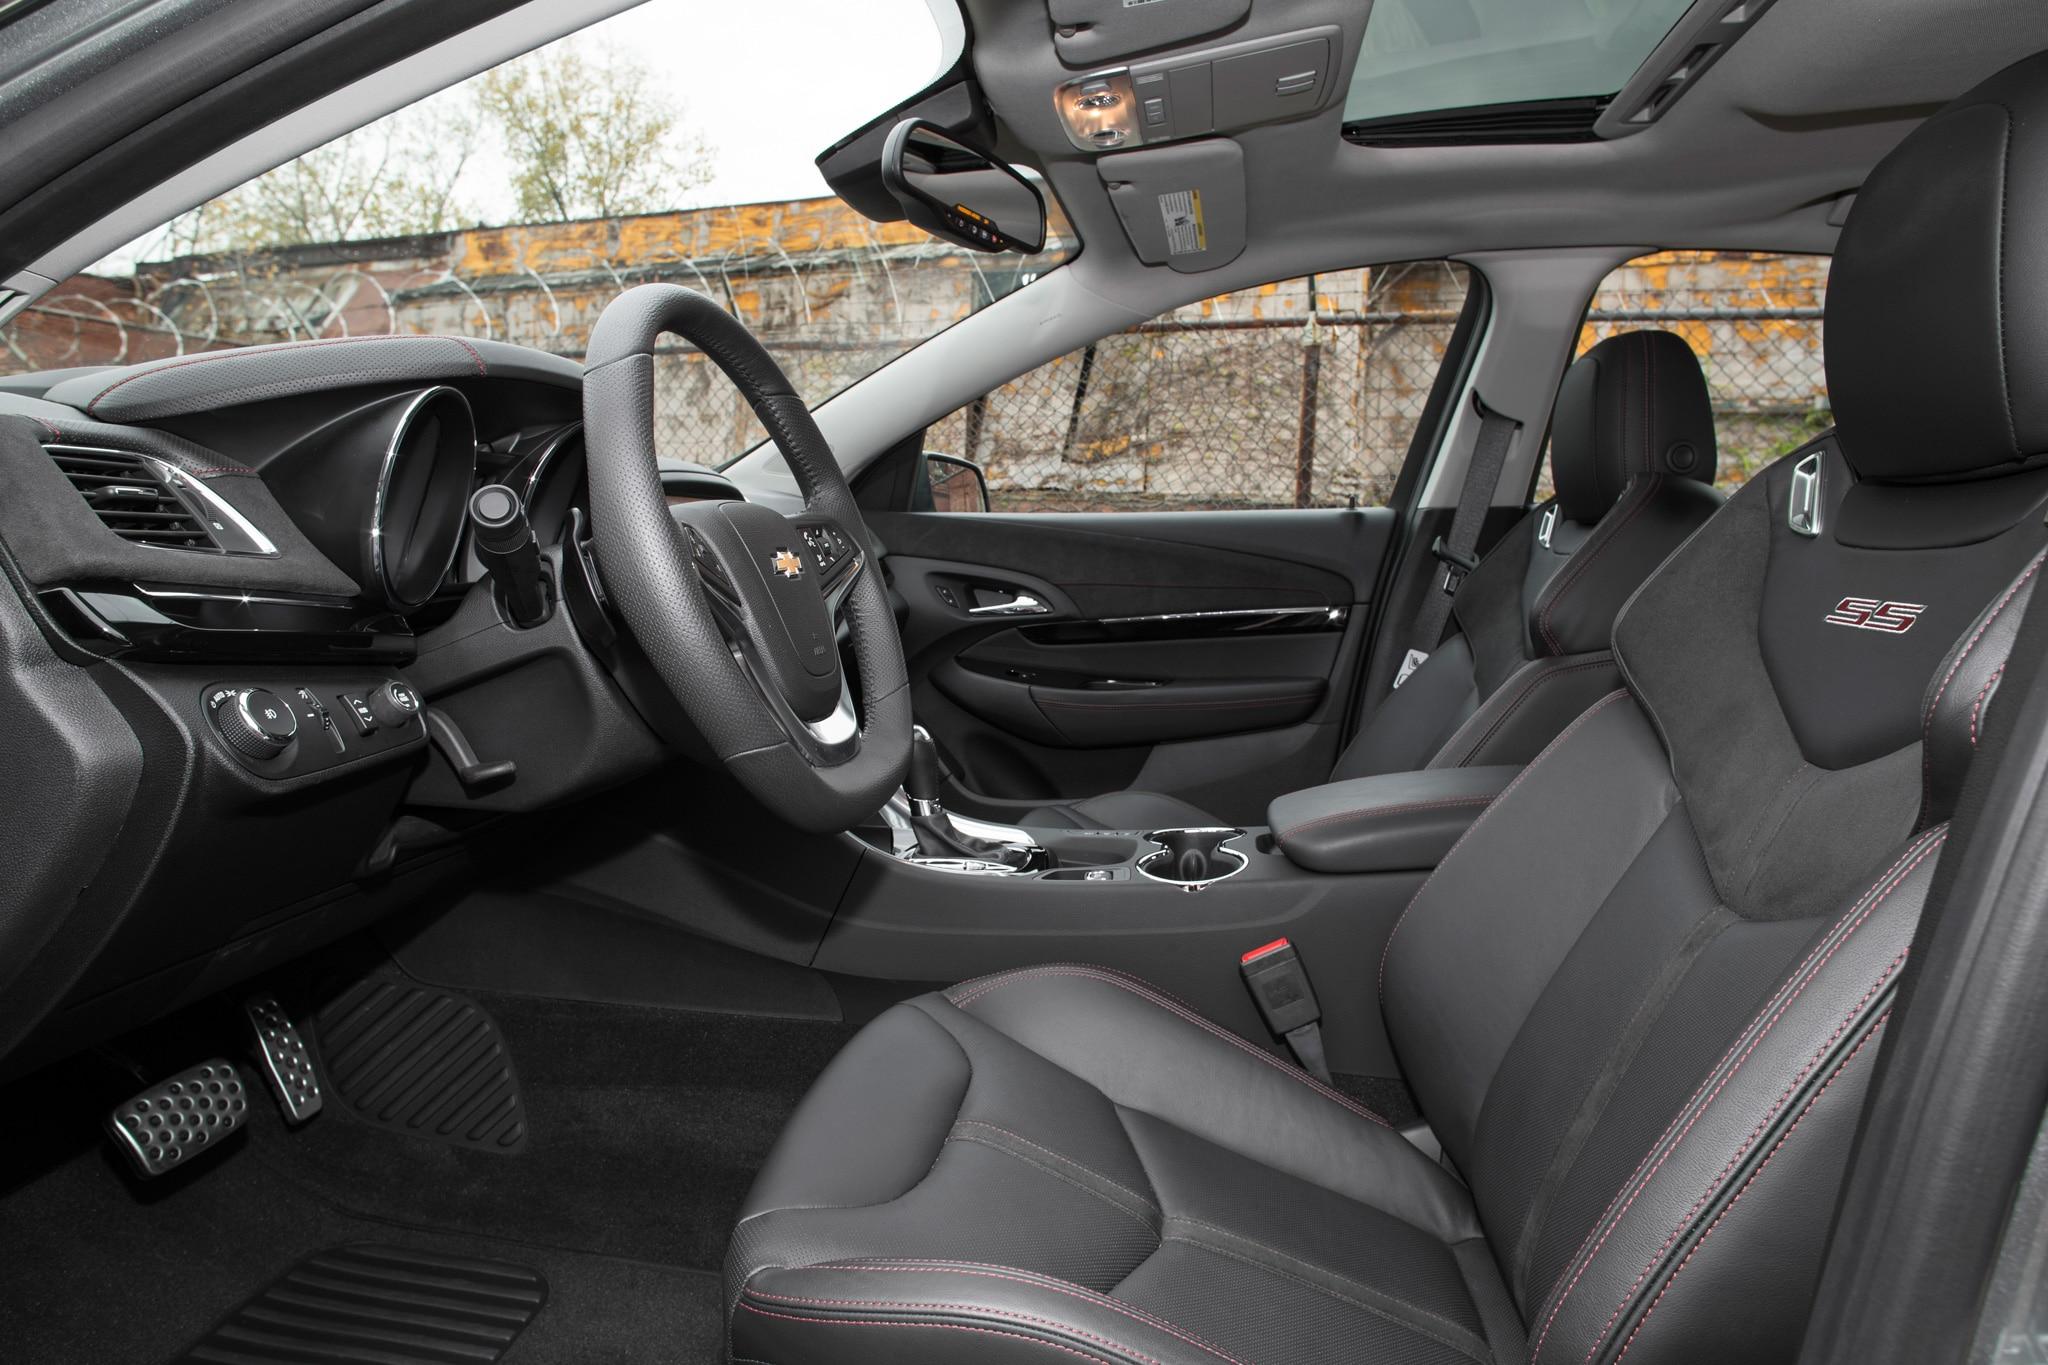 2014 Chevrolet SS. 43 137